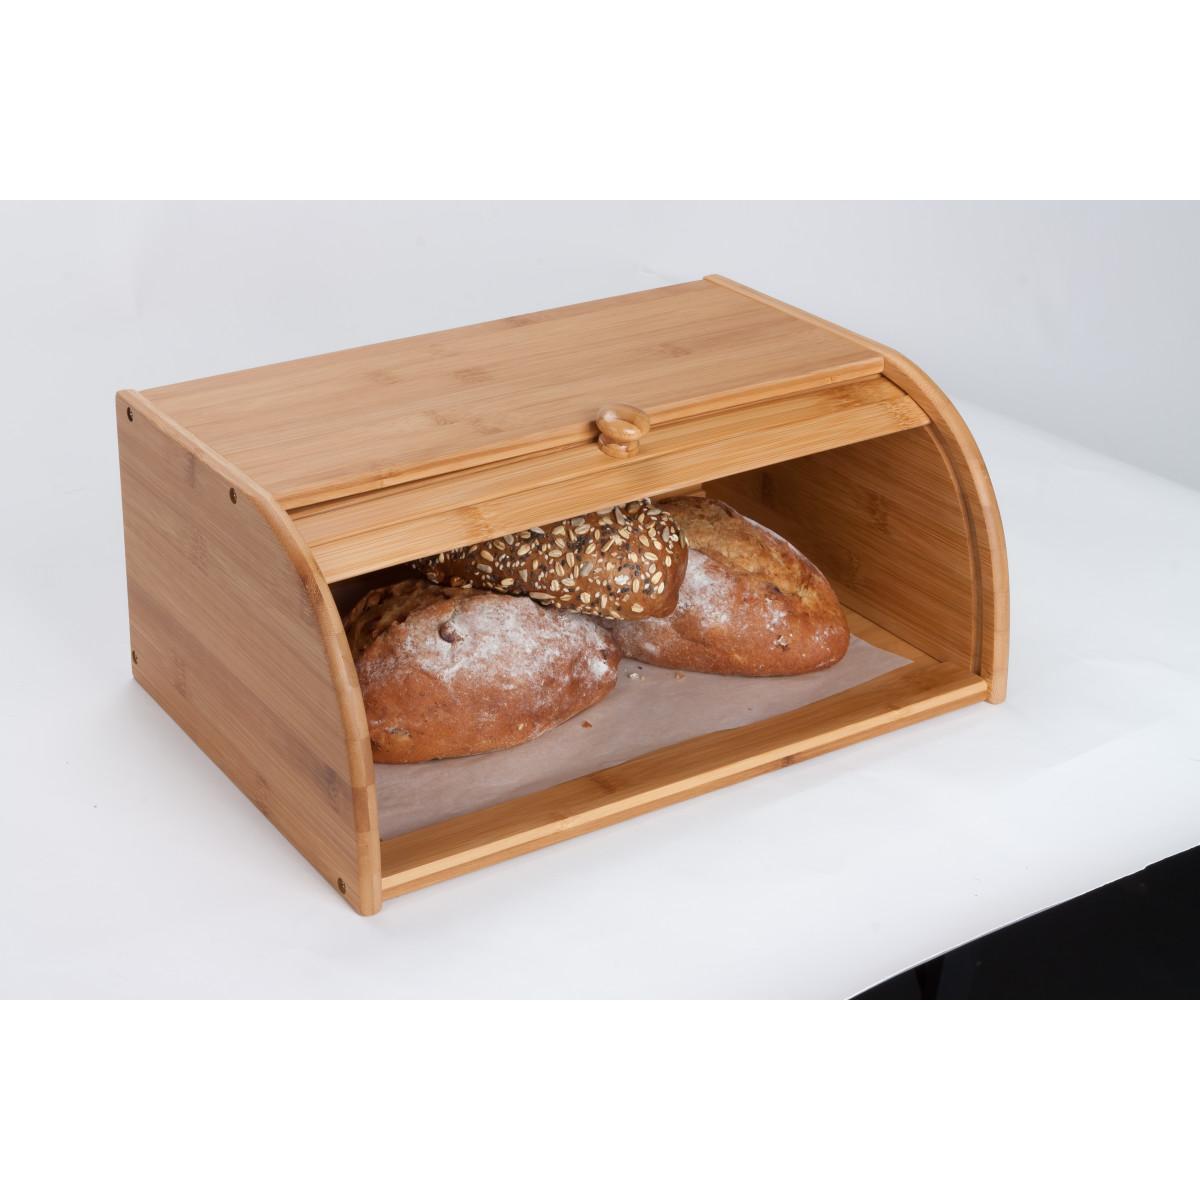 парник хлебница купить в екатеринбурге леруа мерлен